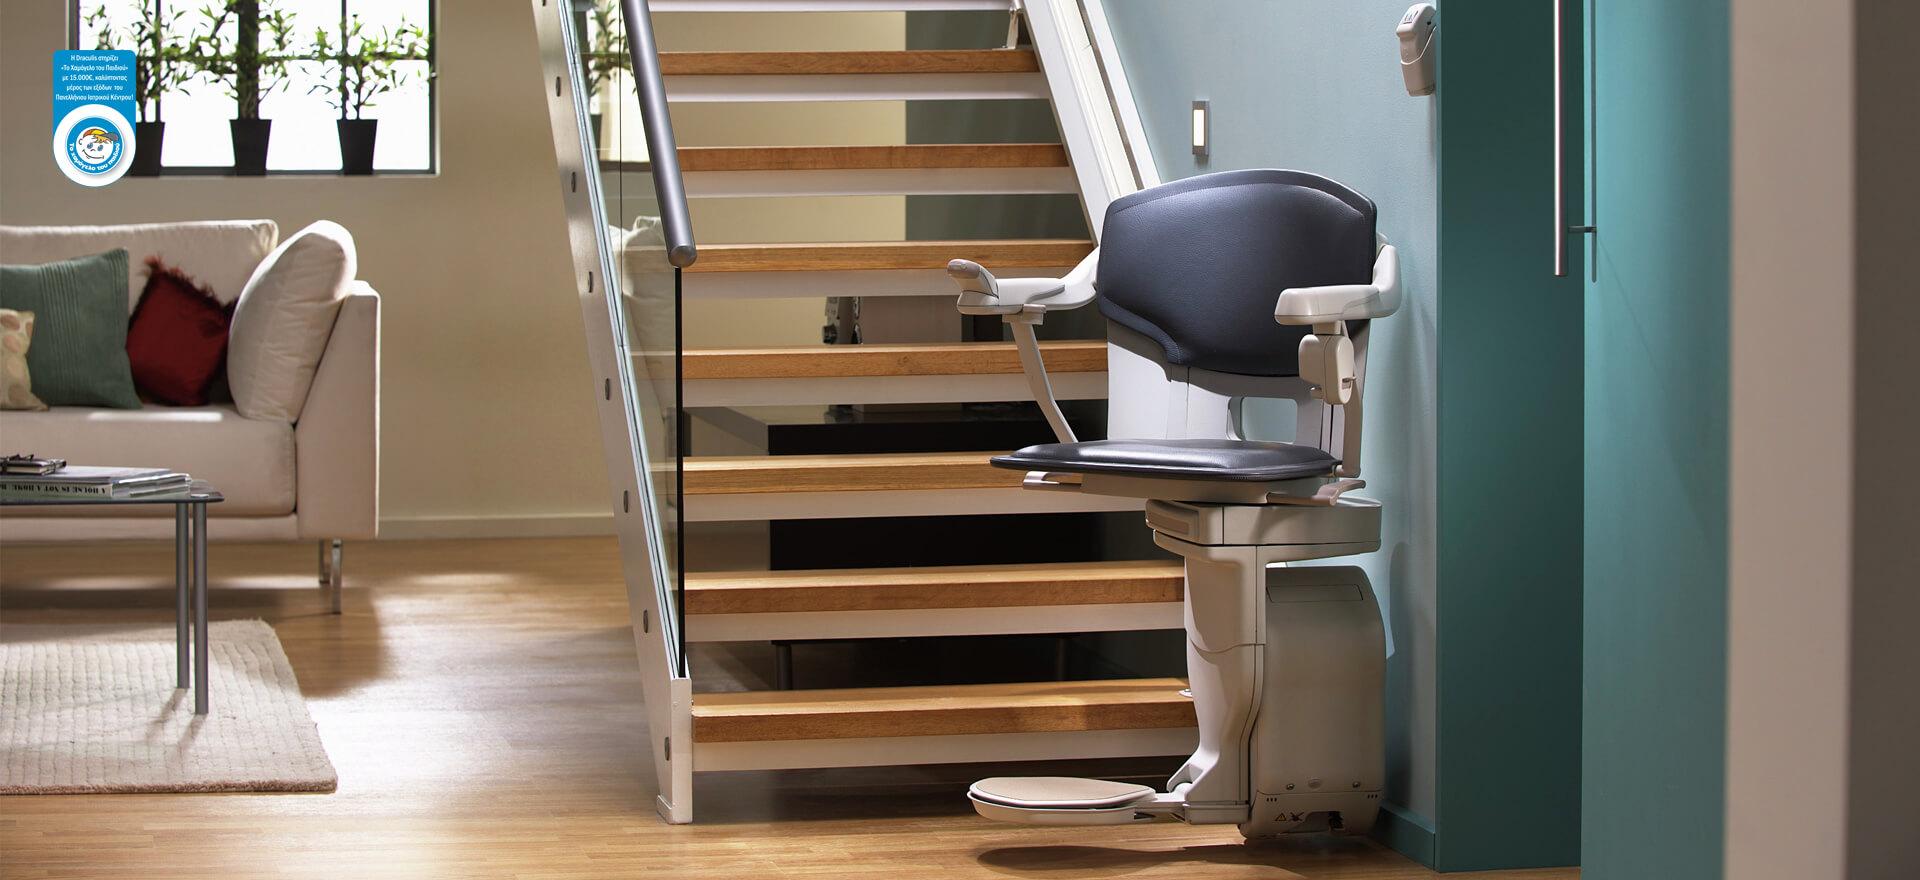 Ανελκυστήρες για ευθύγραμμες σκάλες εσωτερικού χώρου - Stannah Solus 600 - Από τη Draculis